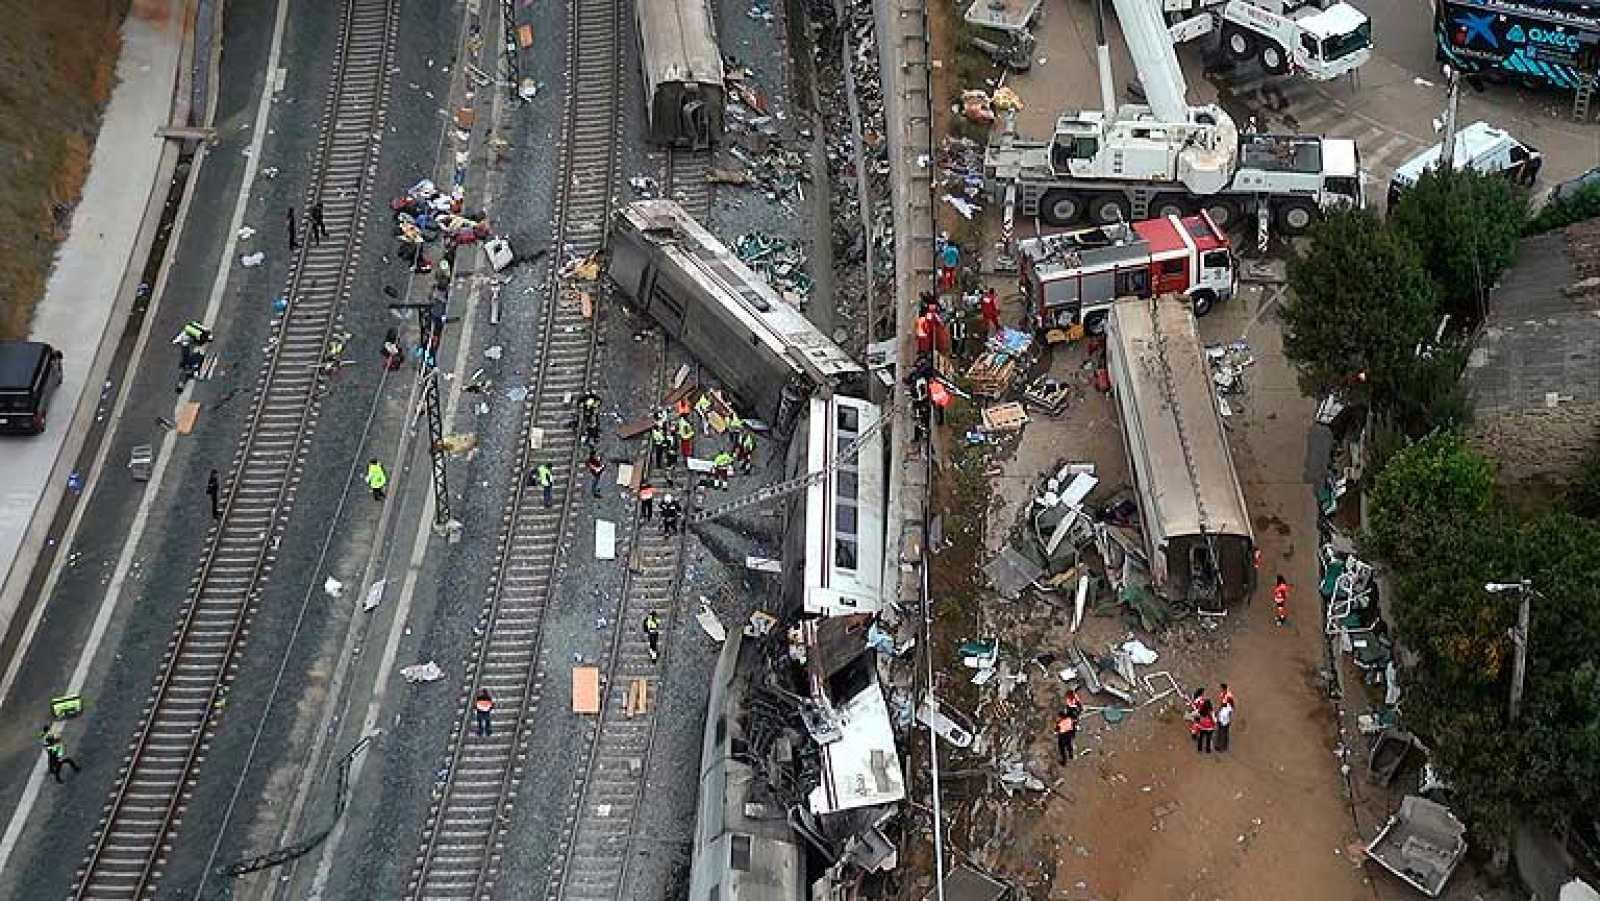 Ya está en marcha la doble investigación del accidente, la judicial y la de Fomento